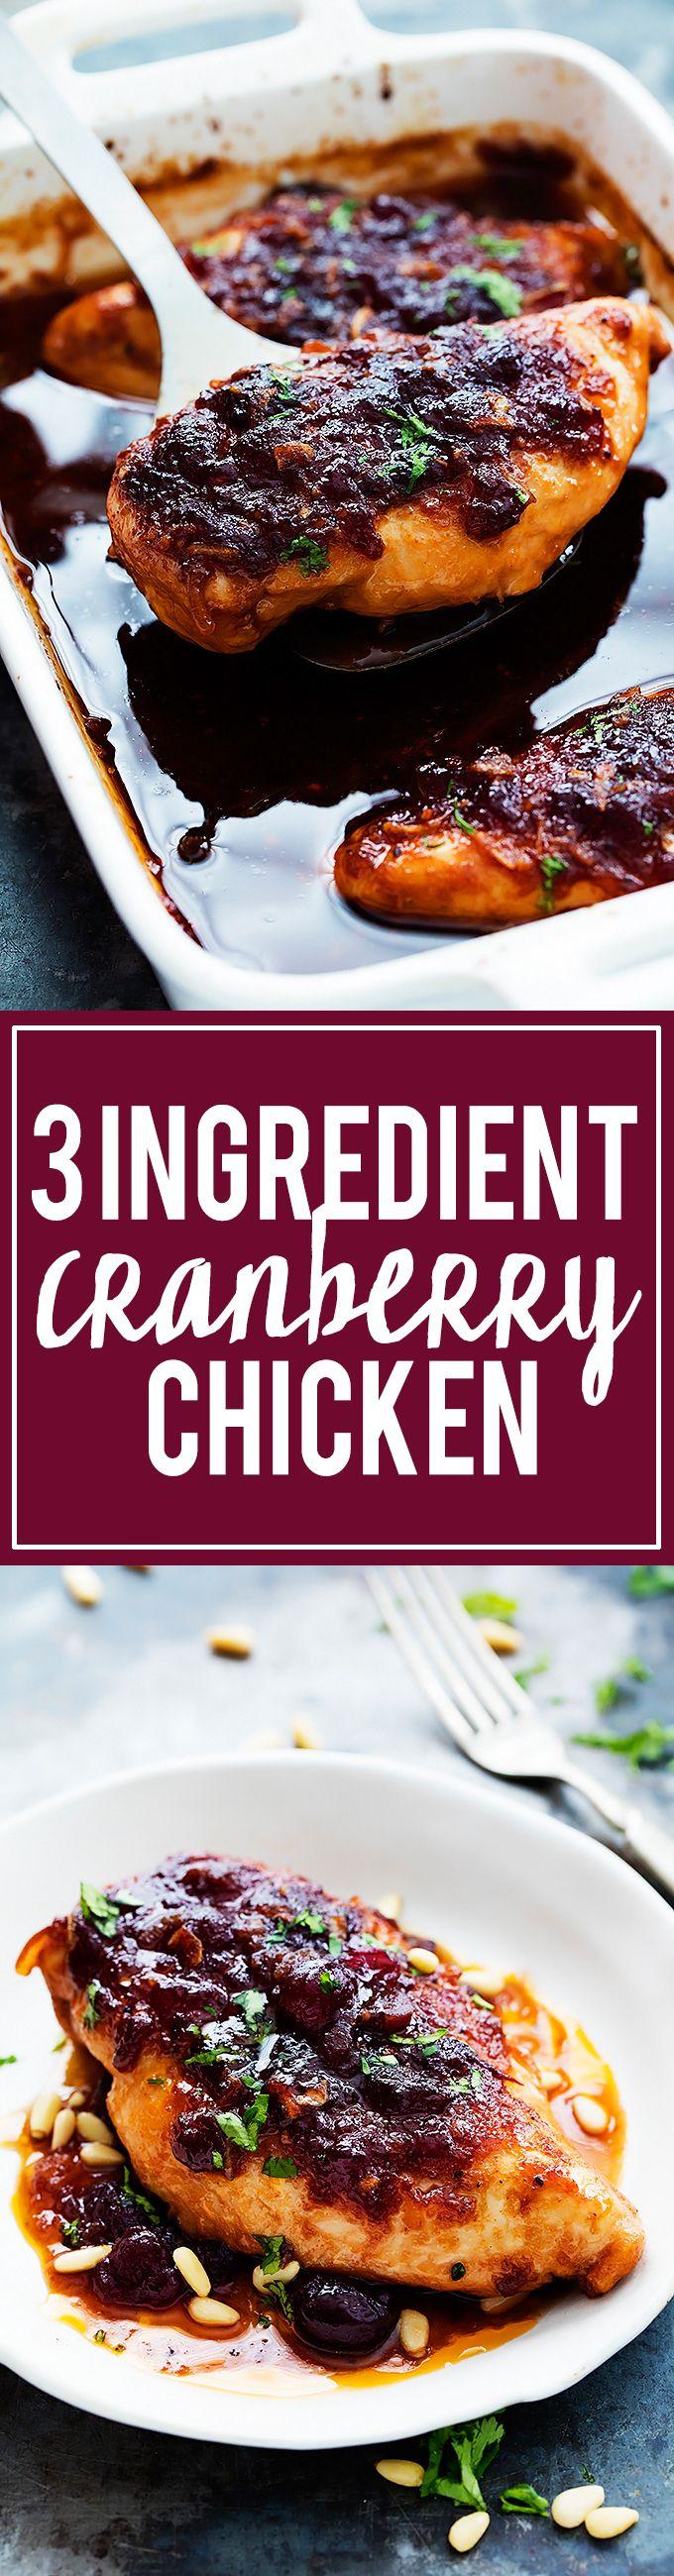 3 Ingredient Slow Cooker Cranberry Chicken | Creme de la Crumb